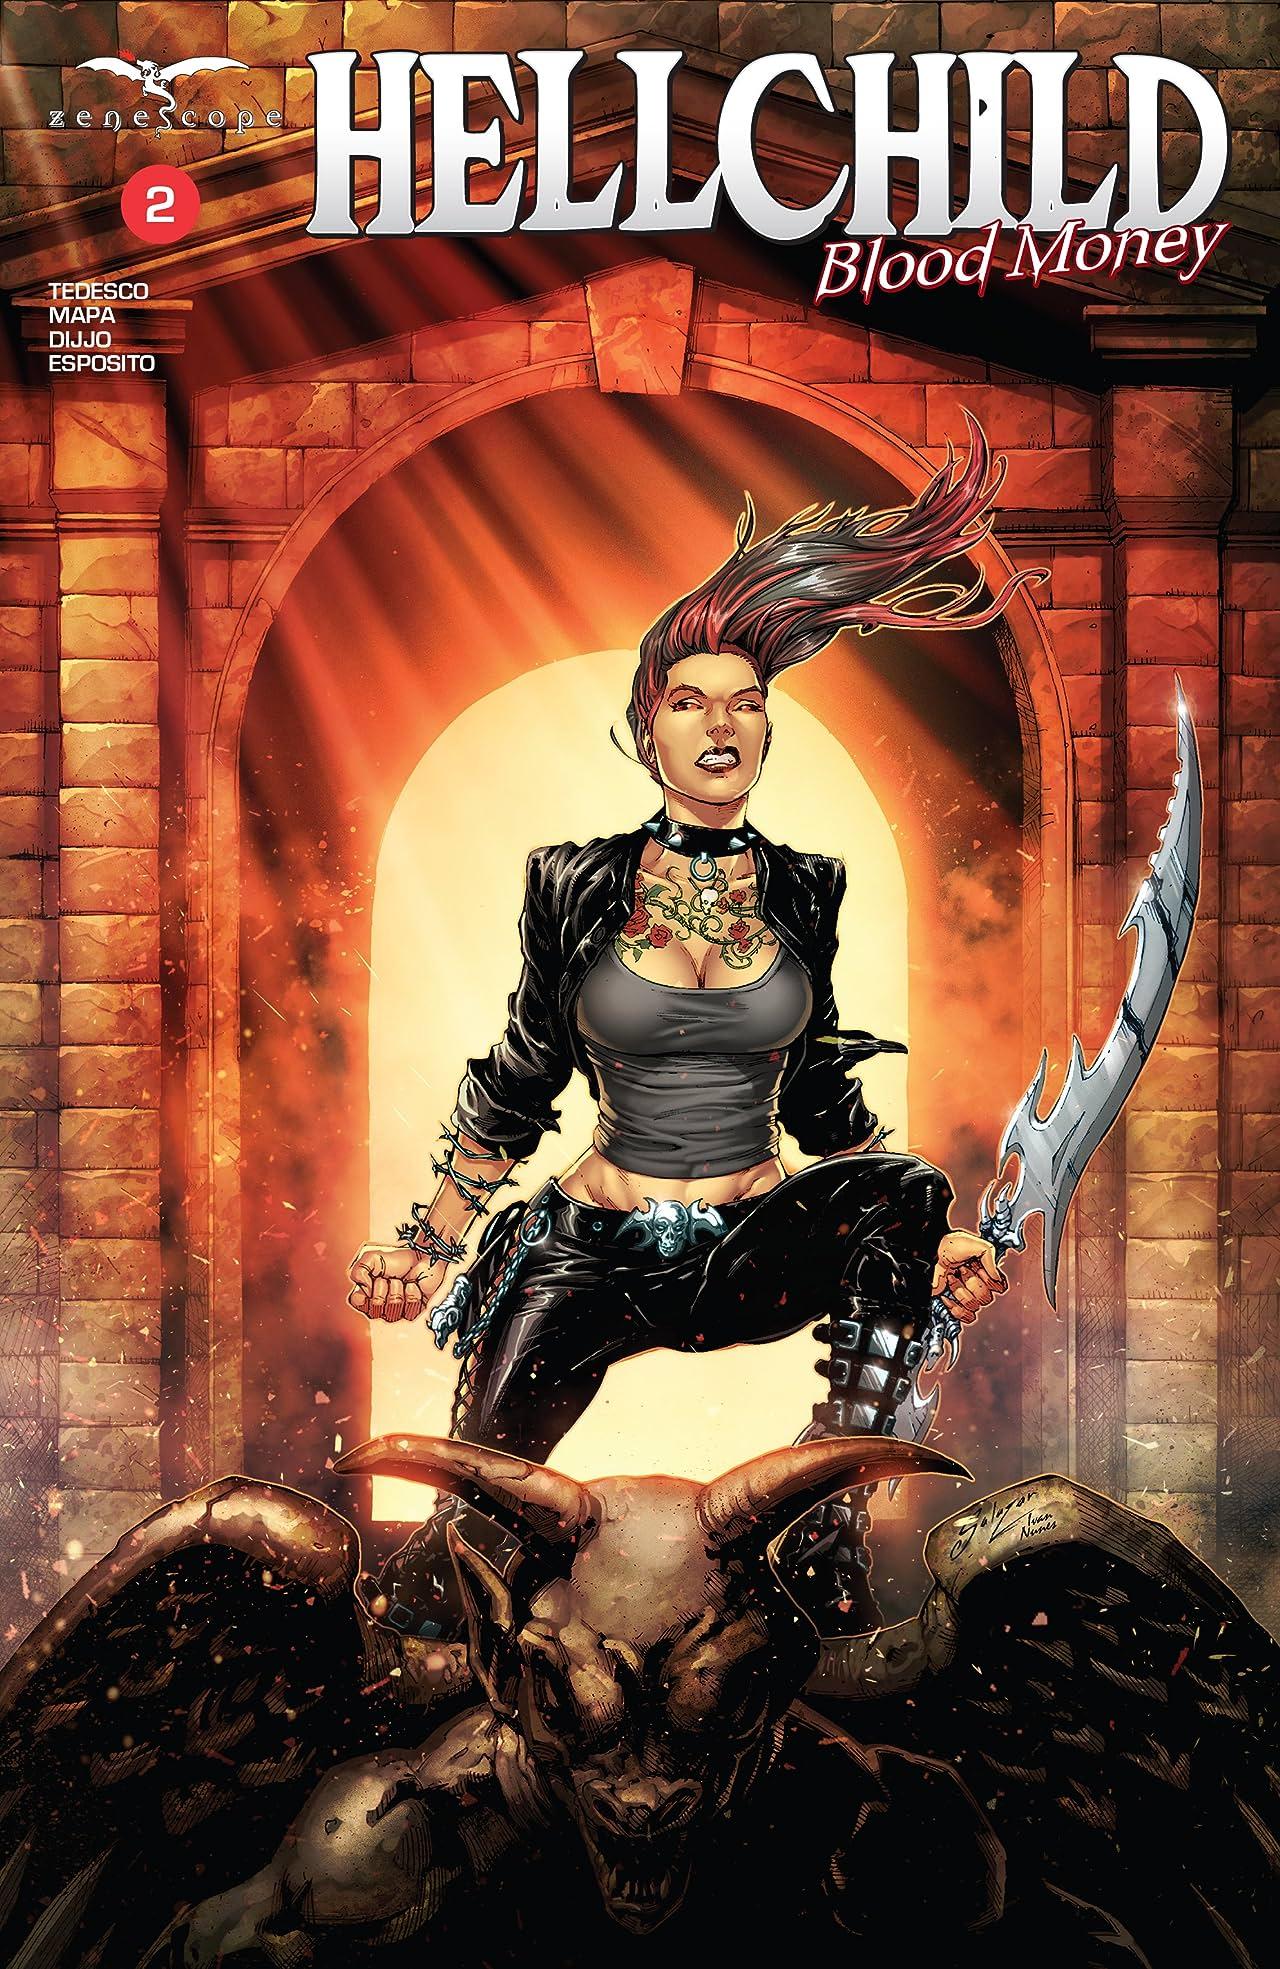 Hellchild: Blood Money #2